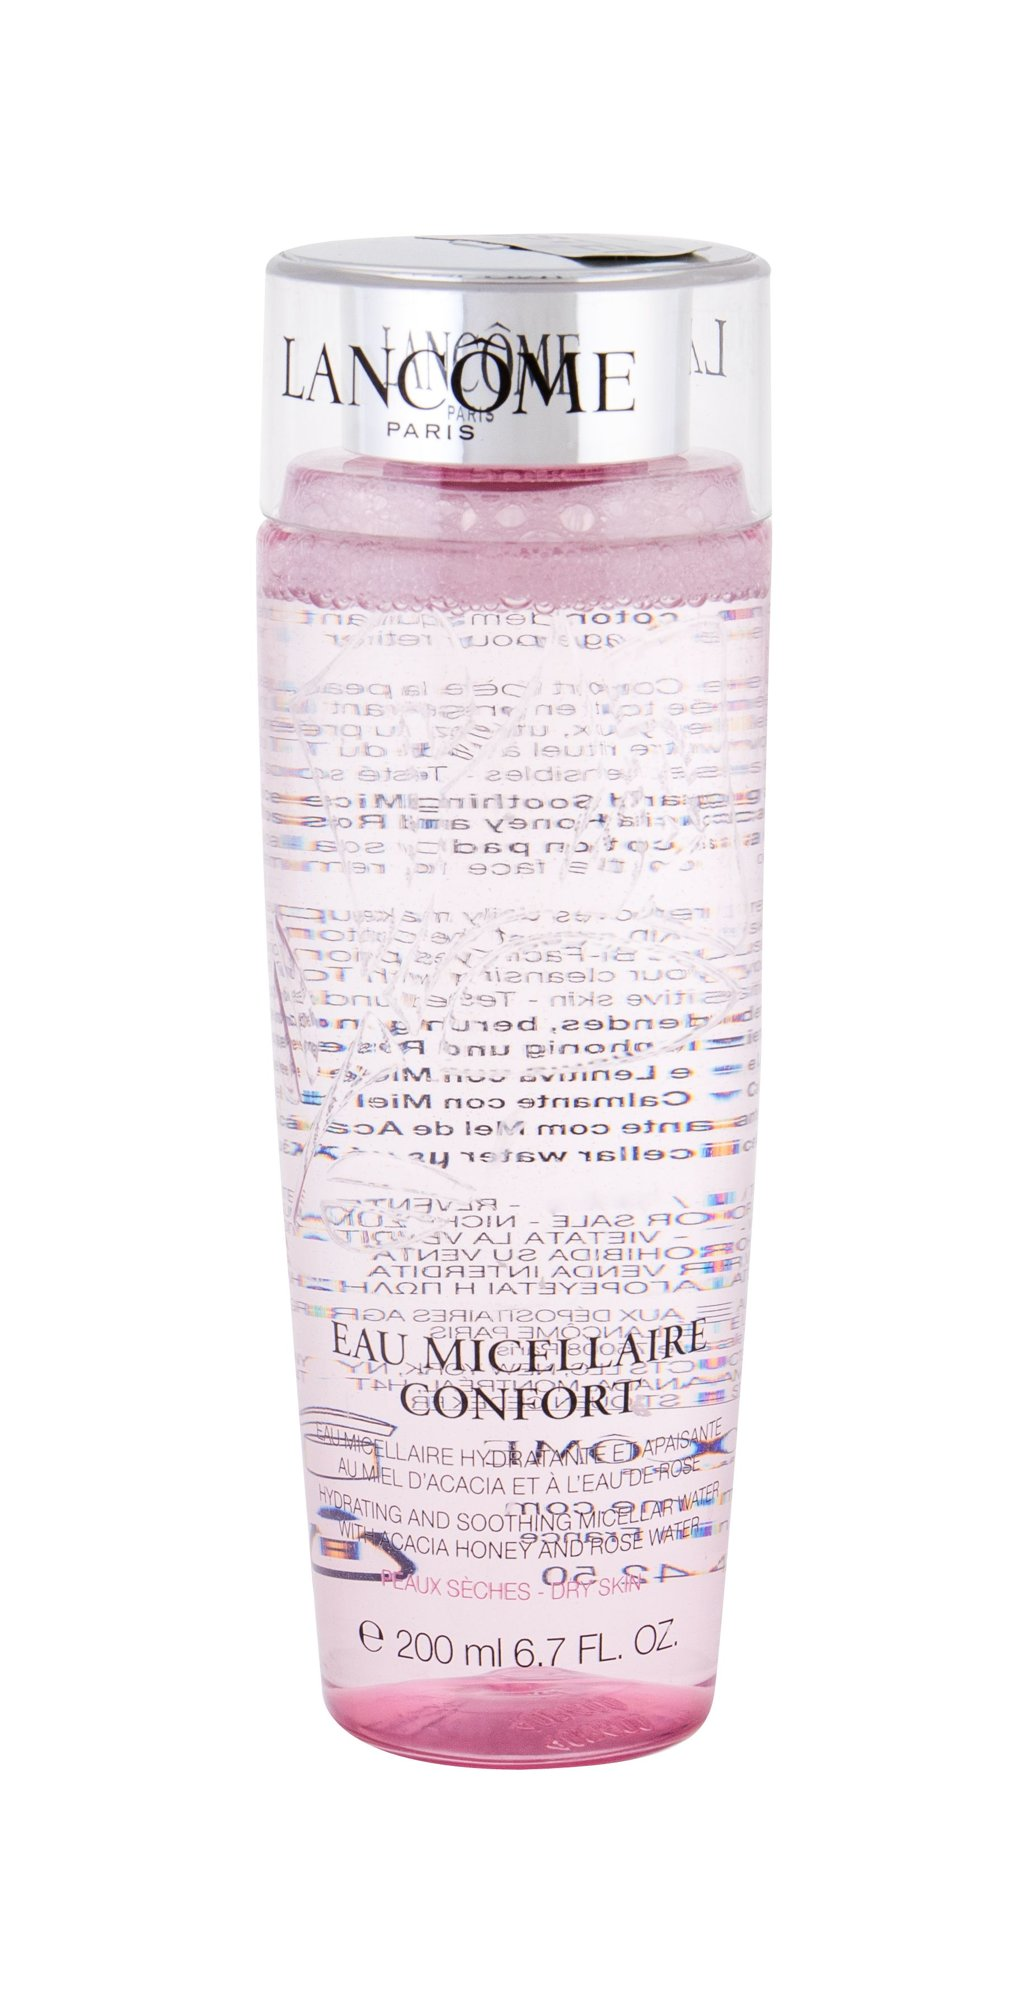 Lancôme Eau Micellaire Confort Micellar Water 200ml